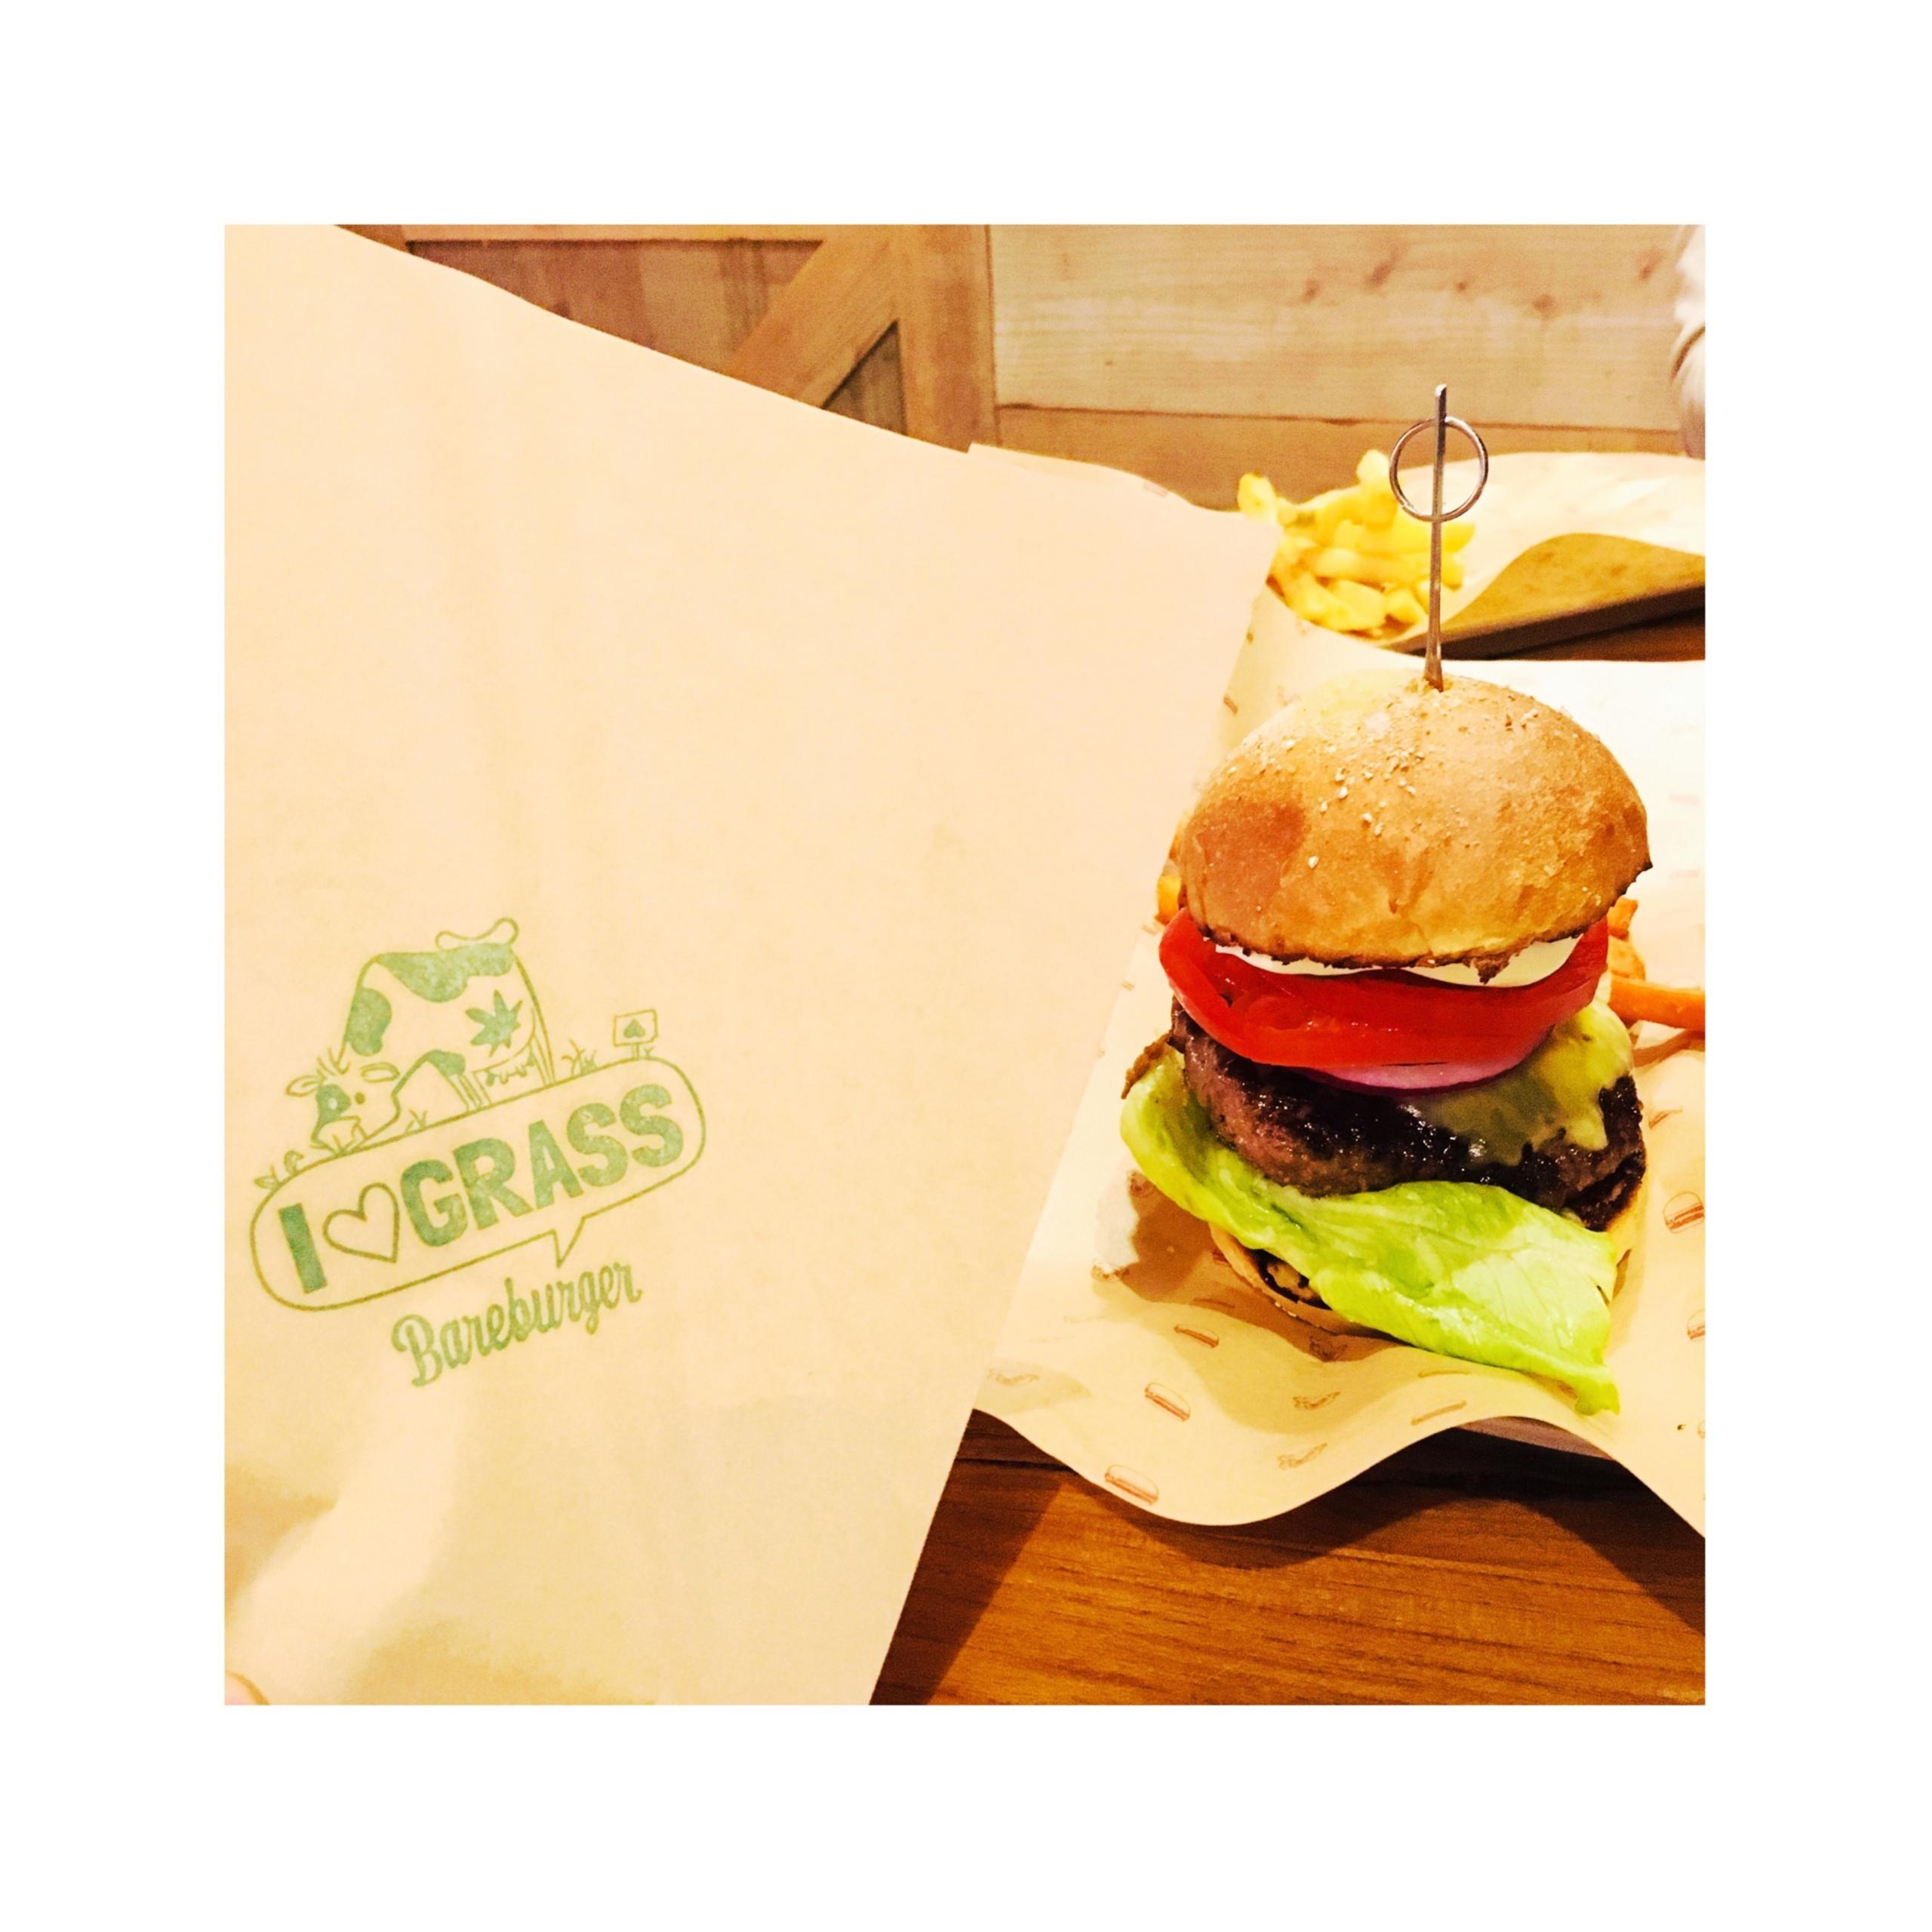 《ご当地MORE★東京》銀座でハンバーガーを食べるならココ!N.Y.発オーガニックの人気店【Bareburger】がおすすめです❤️_4